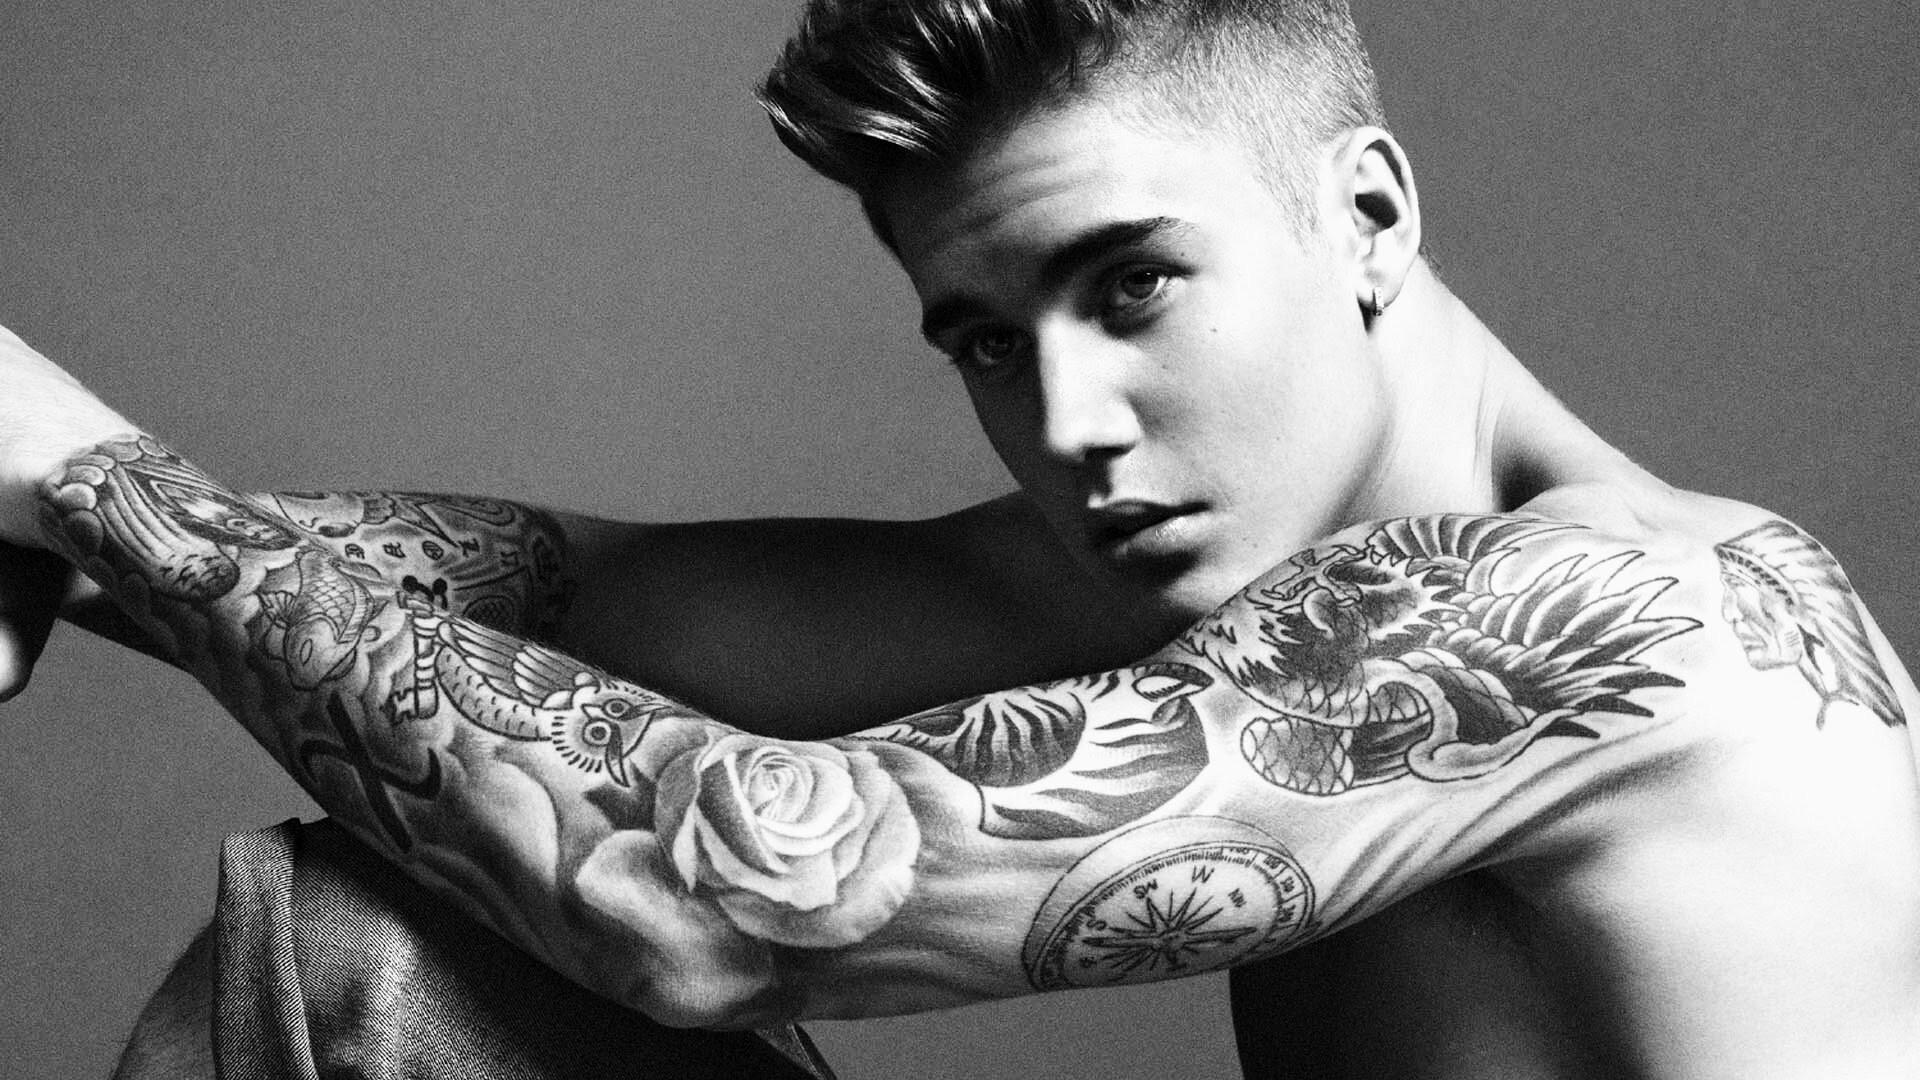 Download Arm Tattoo Justin Bieber | danielhuscroft.com